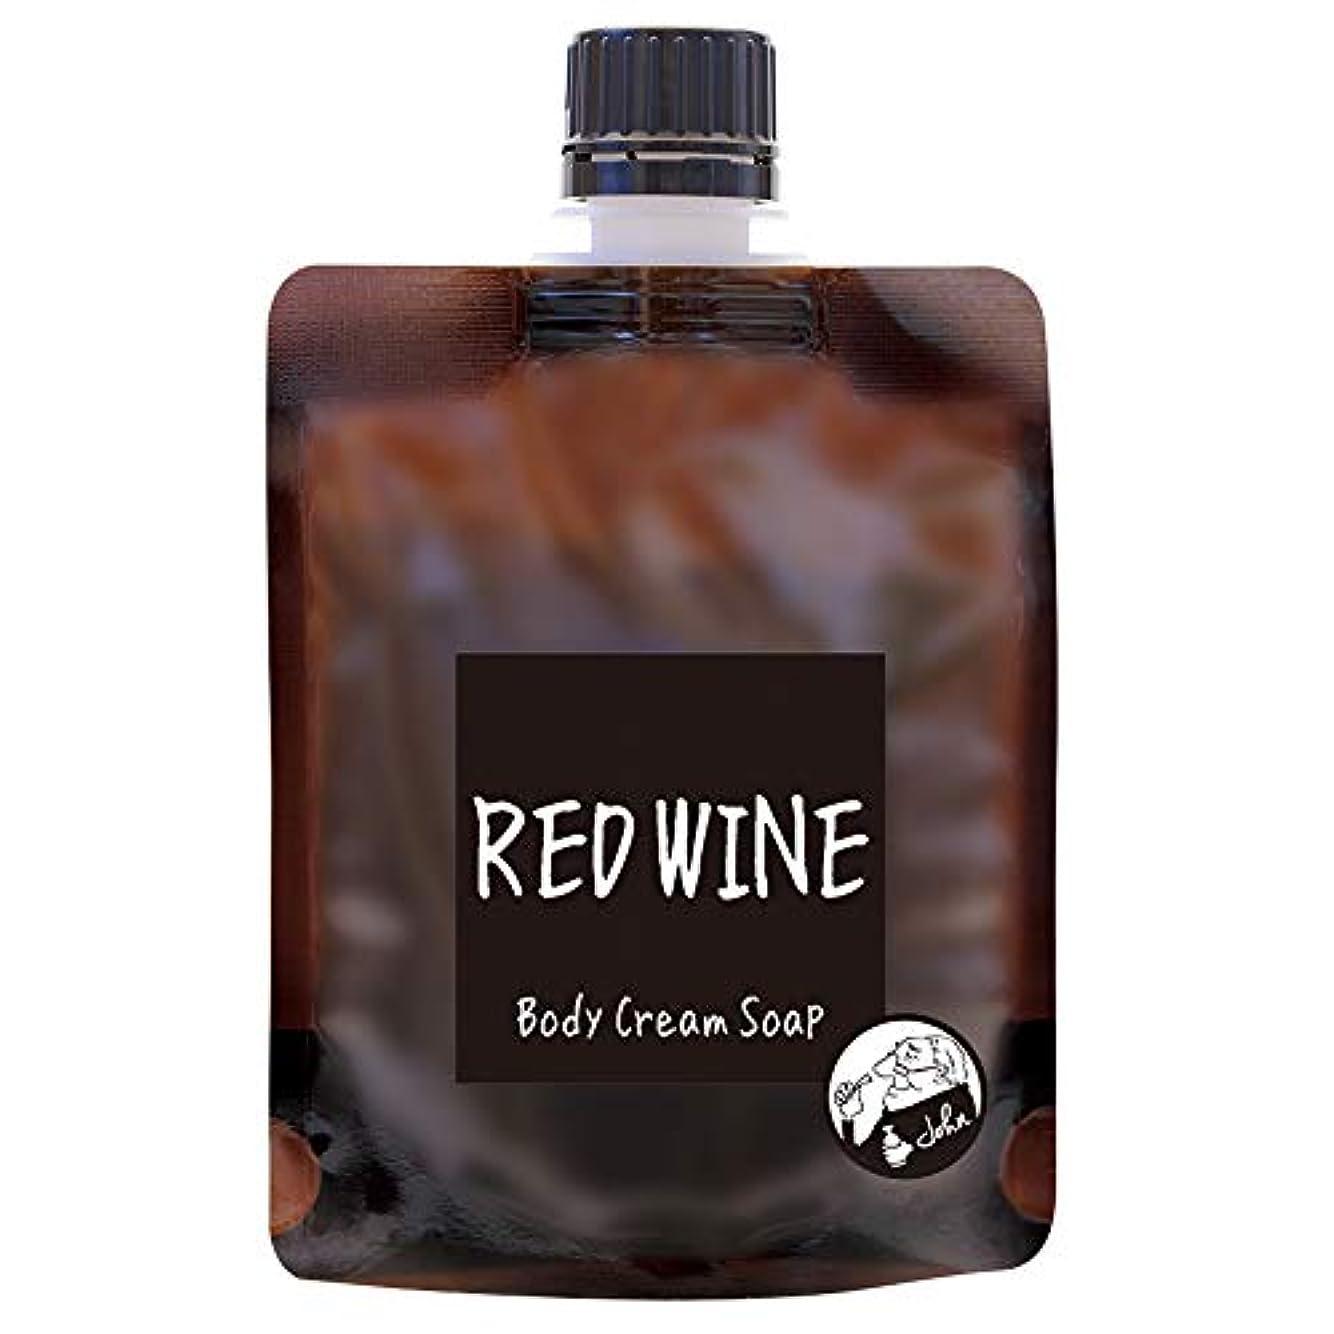 リフト共役資本ノルコーポレーション John's Blend ボディクリームソープ 保湿成分配合 OA-JON-19-5 ボディソープ レッドワインの香り 100g